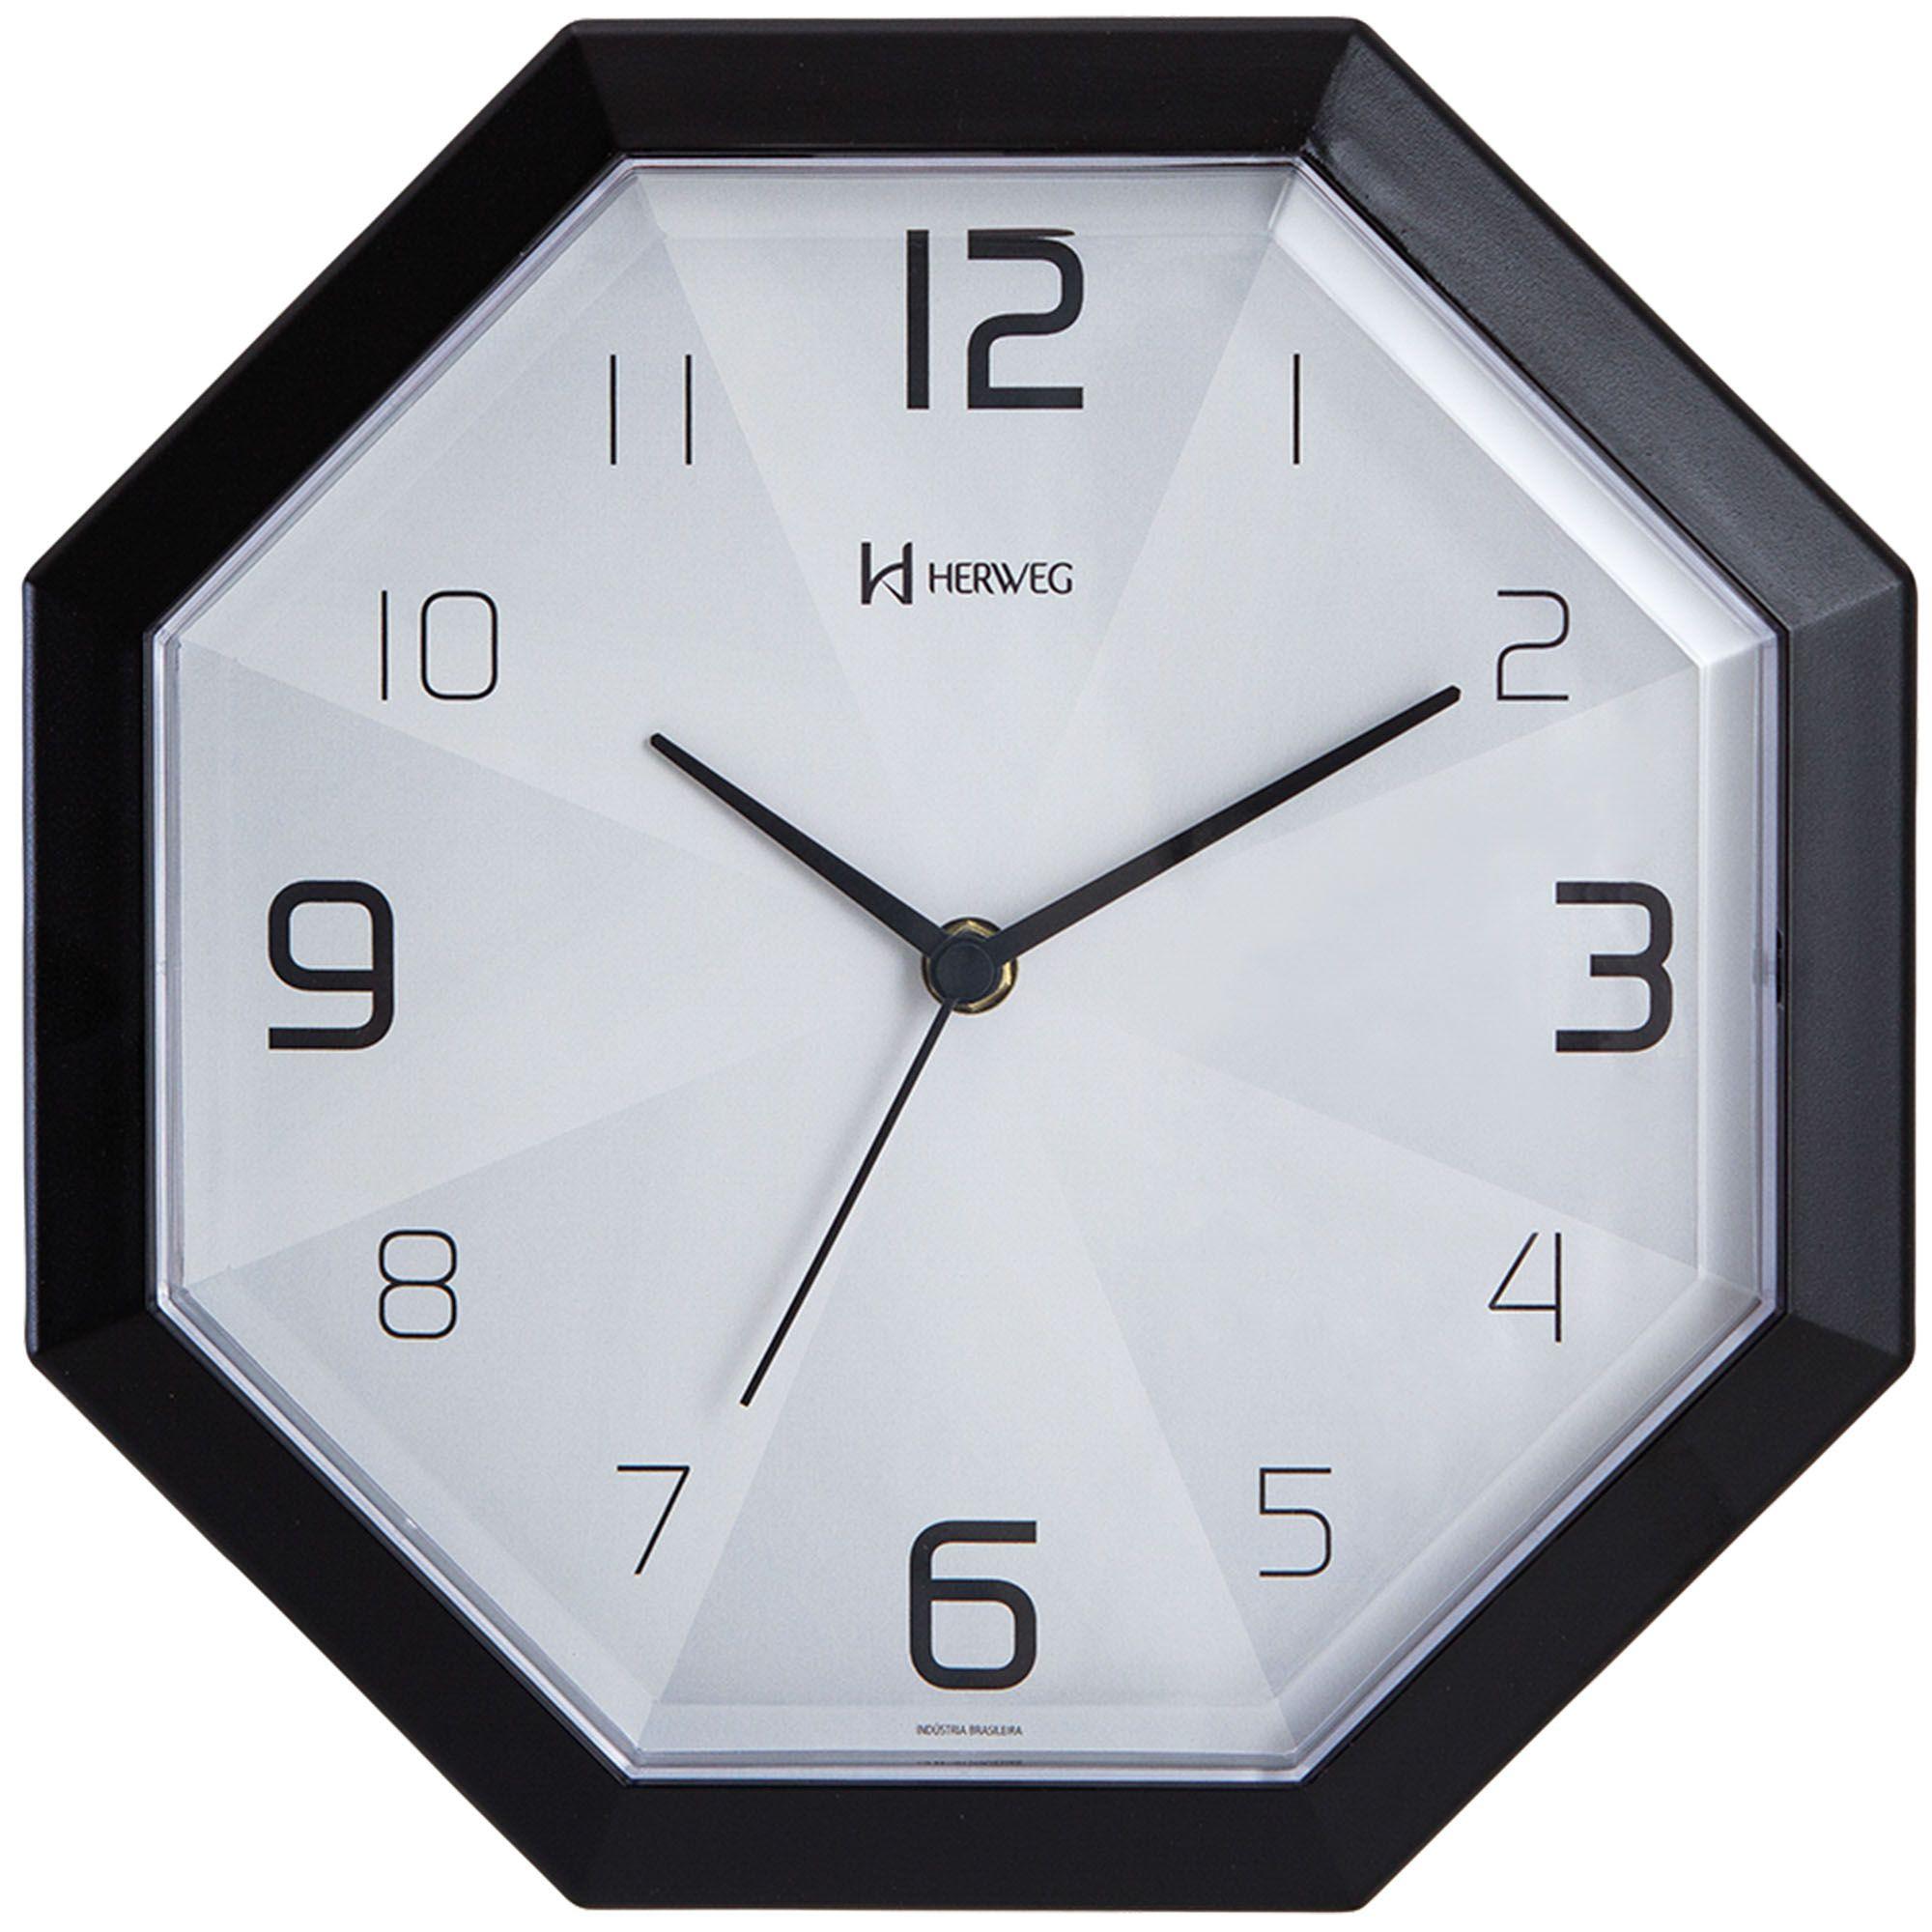 Relógio de Parede Analógico Herweg 6662 034 Preto